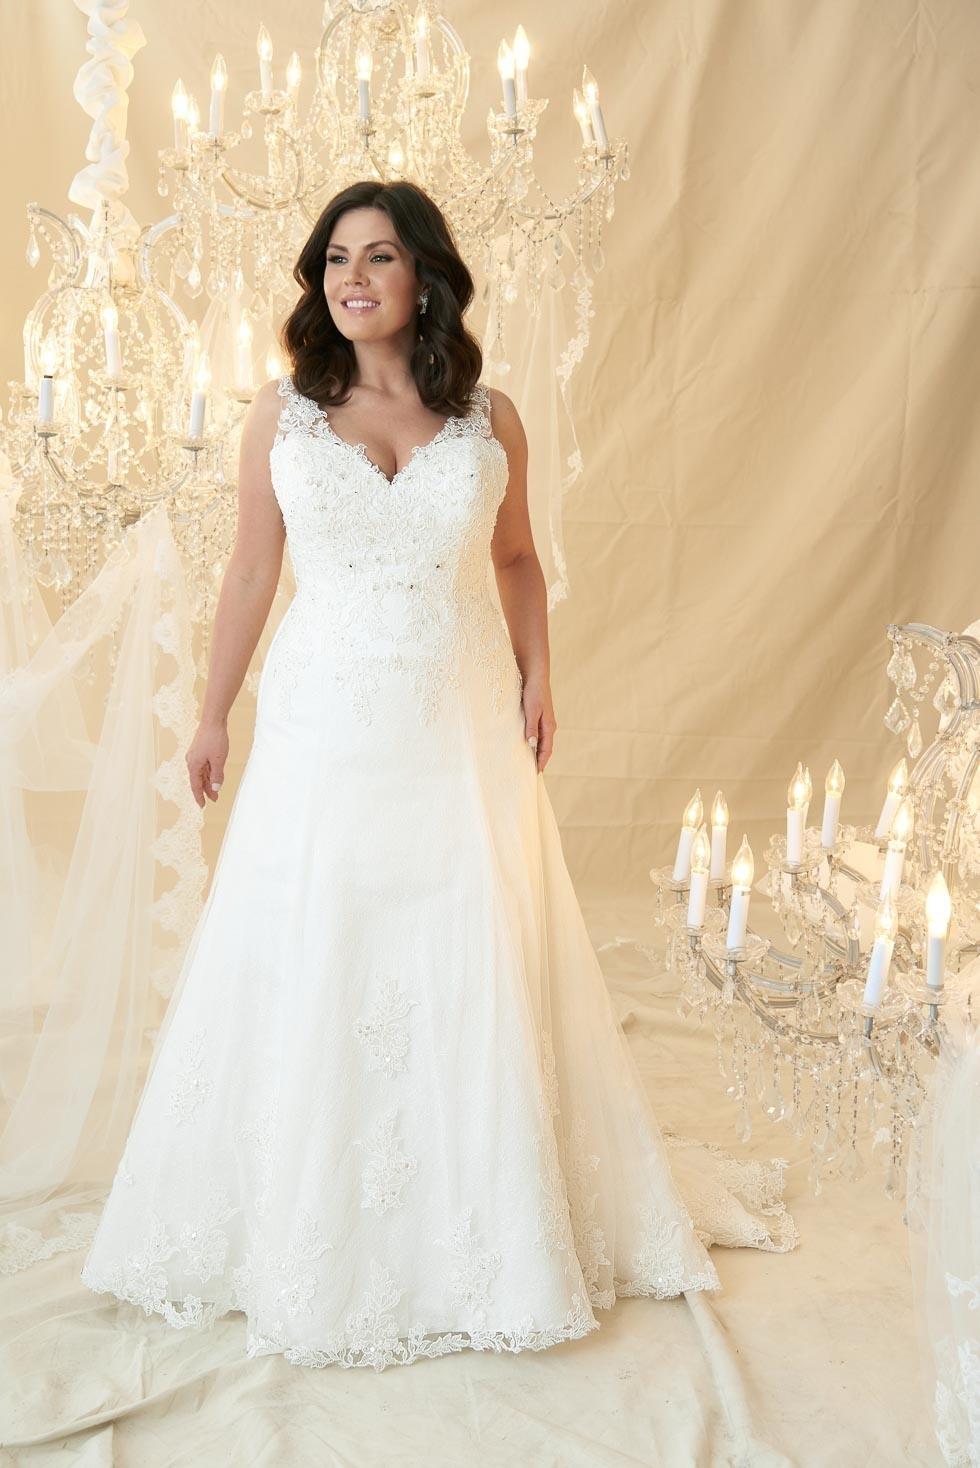 17 Schön Schöne Brautkleider Stylish15 Großartig Schöne Brautkleider Ärmel